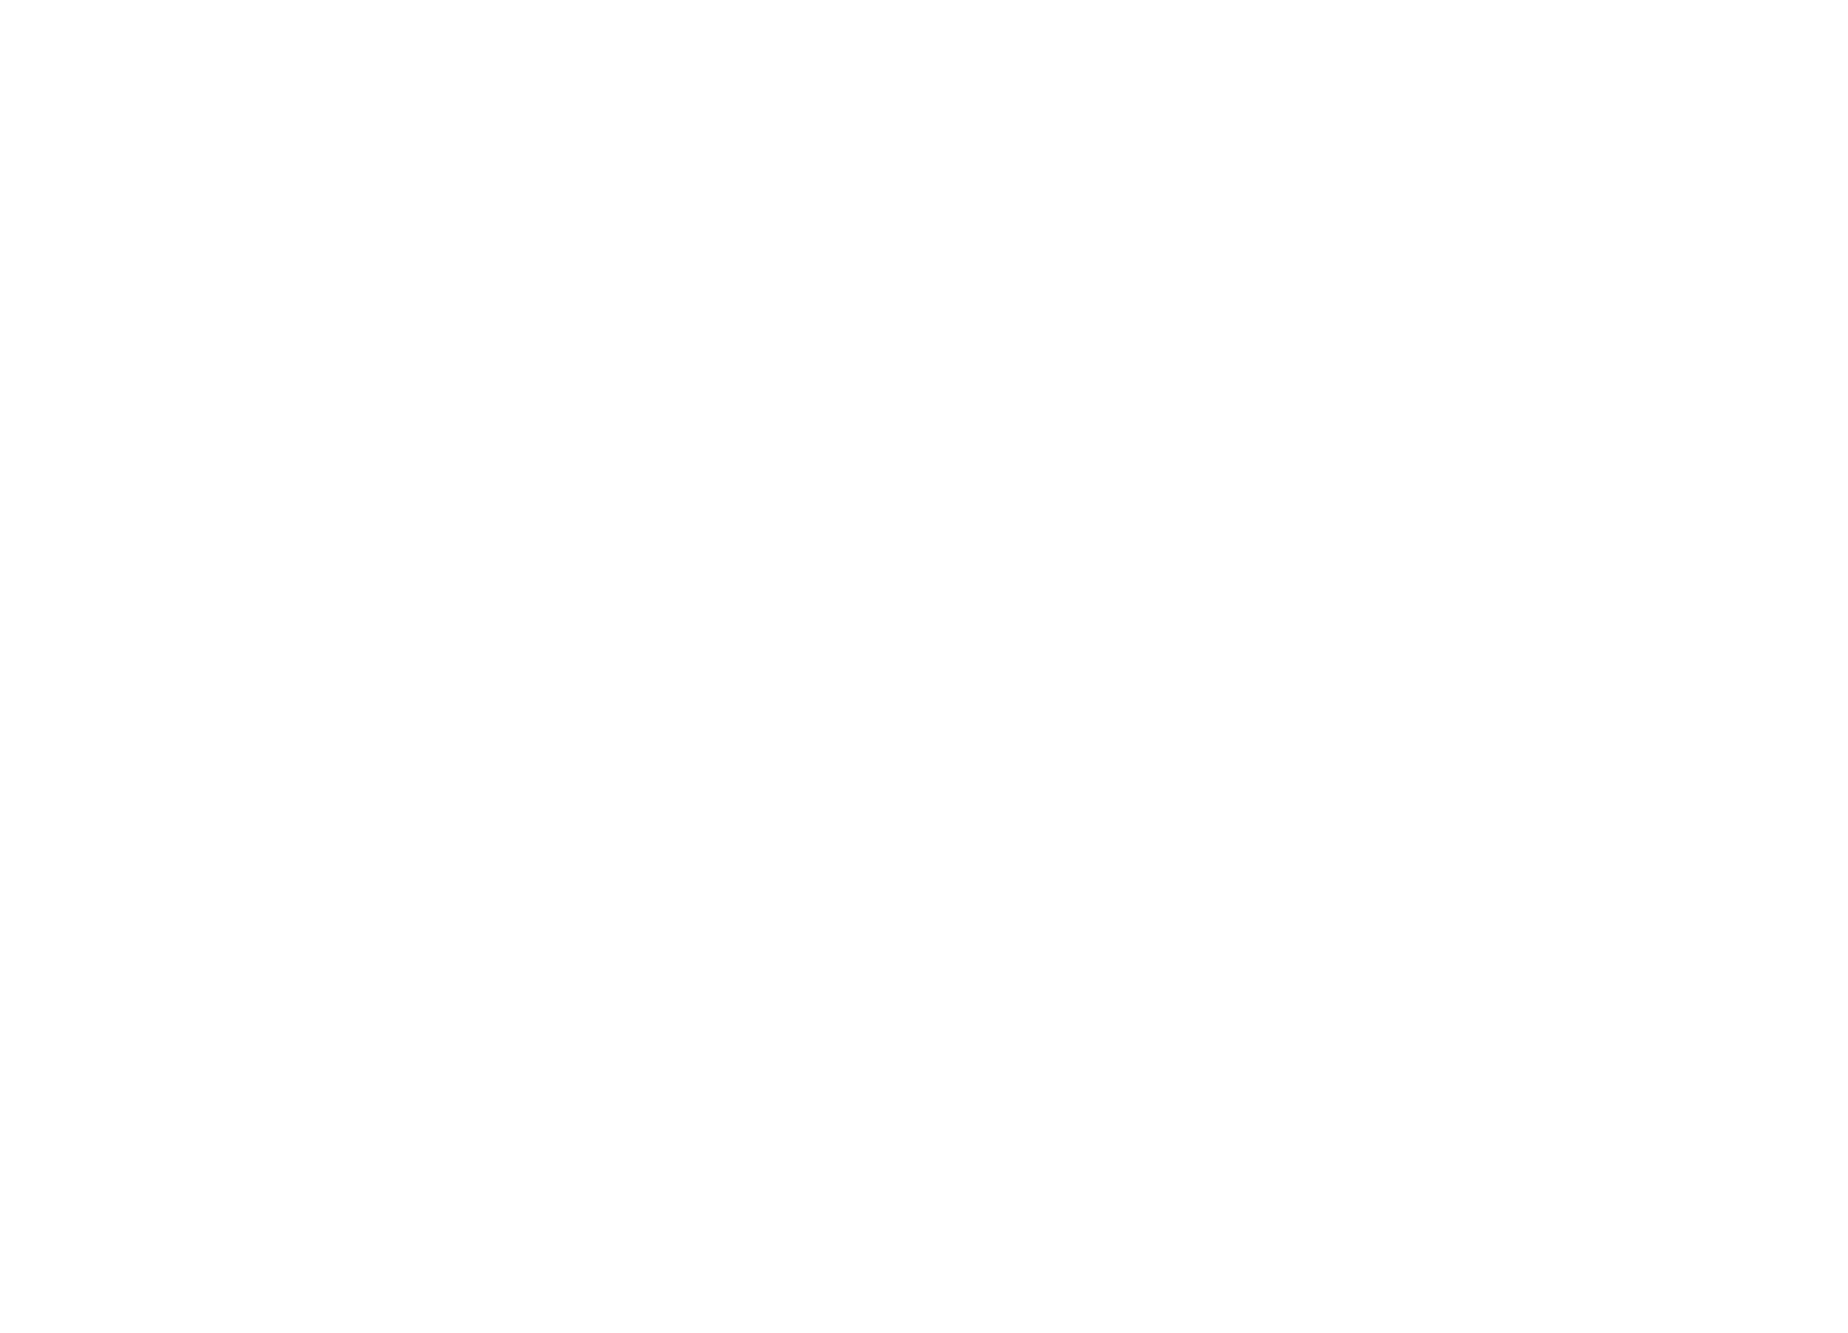 MADE IN PRESENCE - Presenza è l'attenzione gentile, lo spazio interiore di quiete, la connessione profonda con la vita nella sua totalità.Presenza è consapevolezza, accoglienza che consente la manifestazione della bellezza e del talento naturale.Presenza è la cura, che si esprime in parole e azioni nella vita quotidiana.È dallo stato di Presenza che nascono le creazioni originali e uniche di Adima.